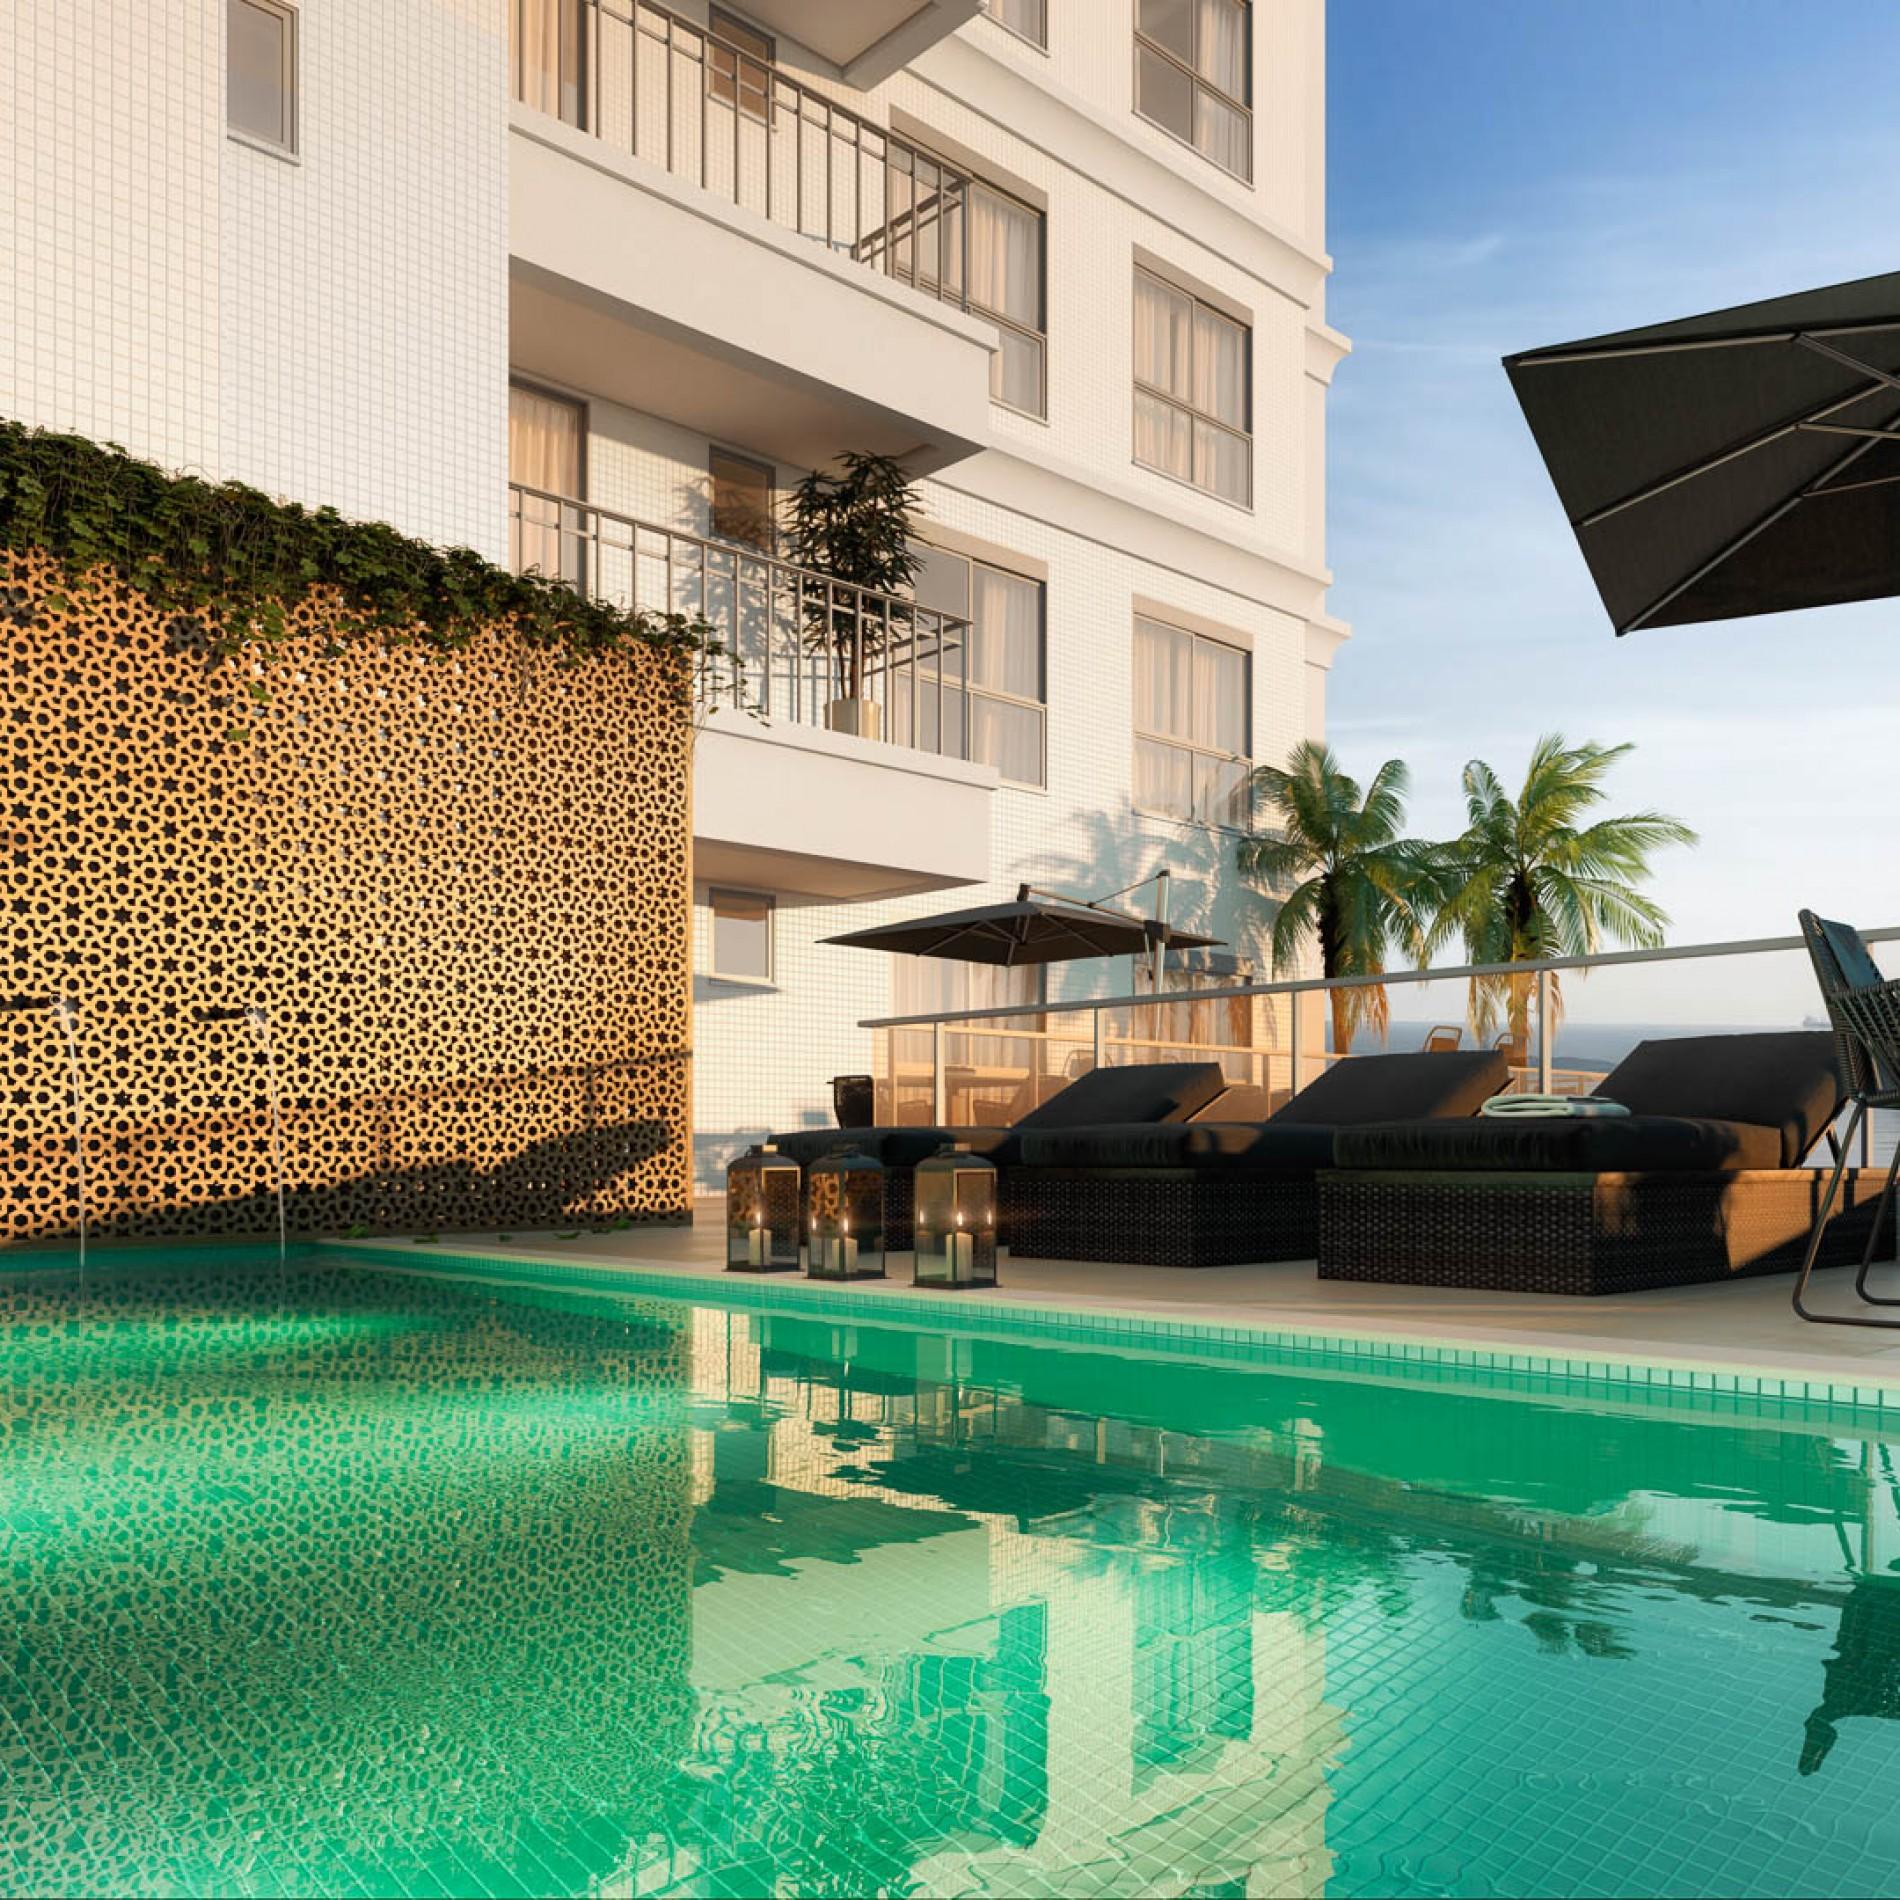 ilhas-marianas-piscina-diferenciado-101.jpg